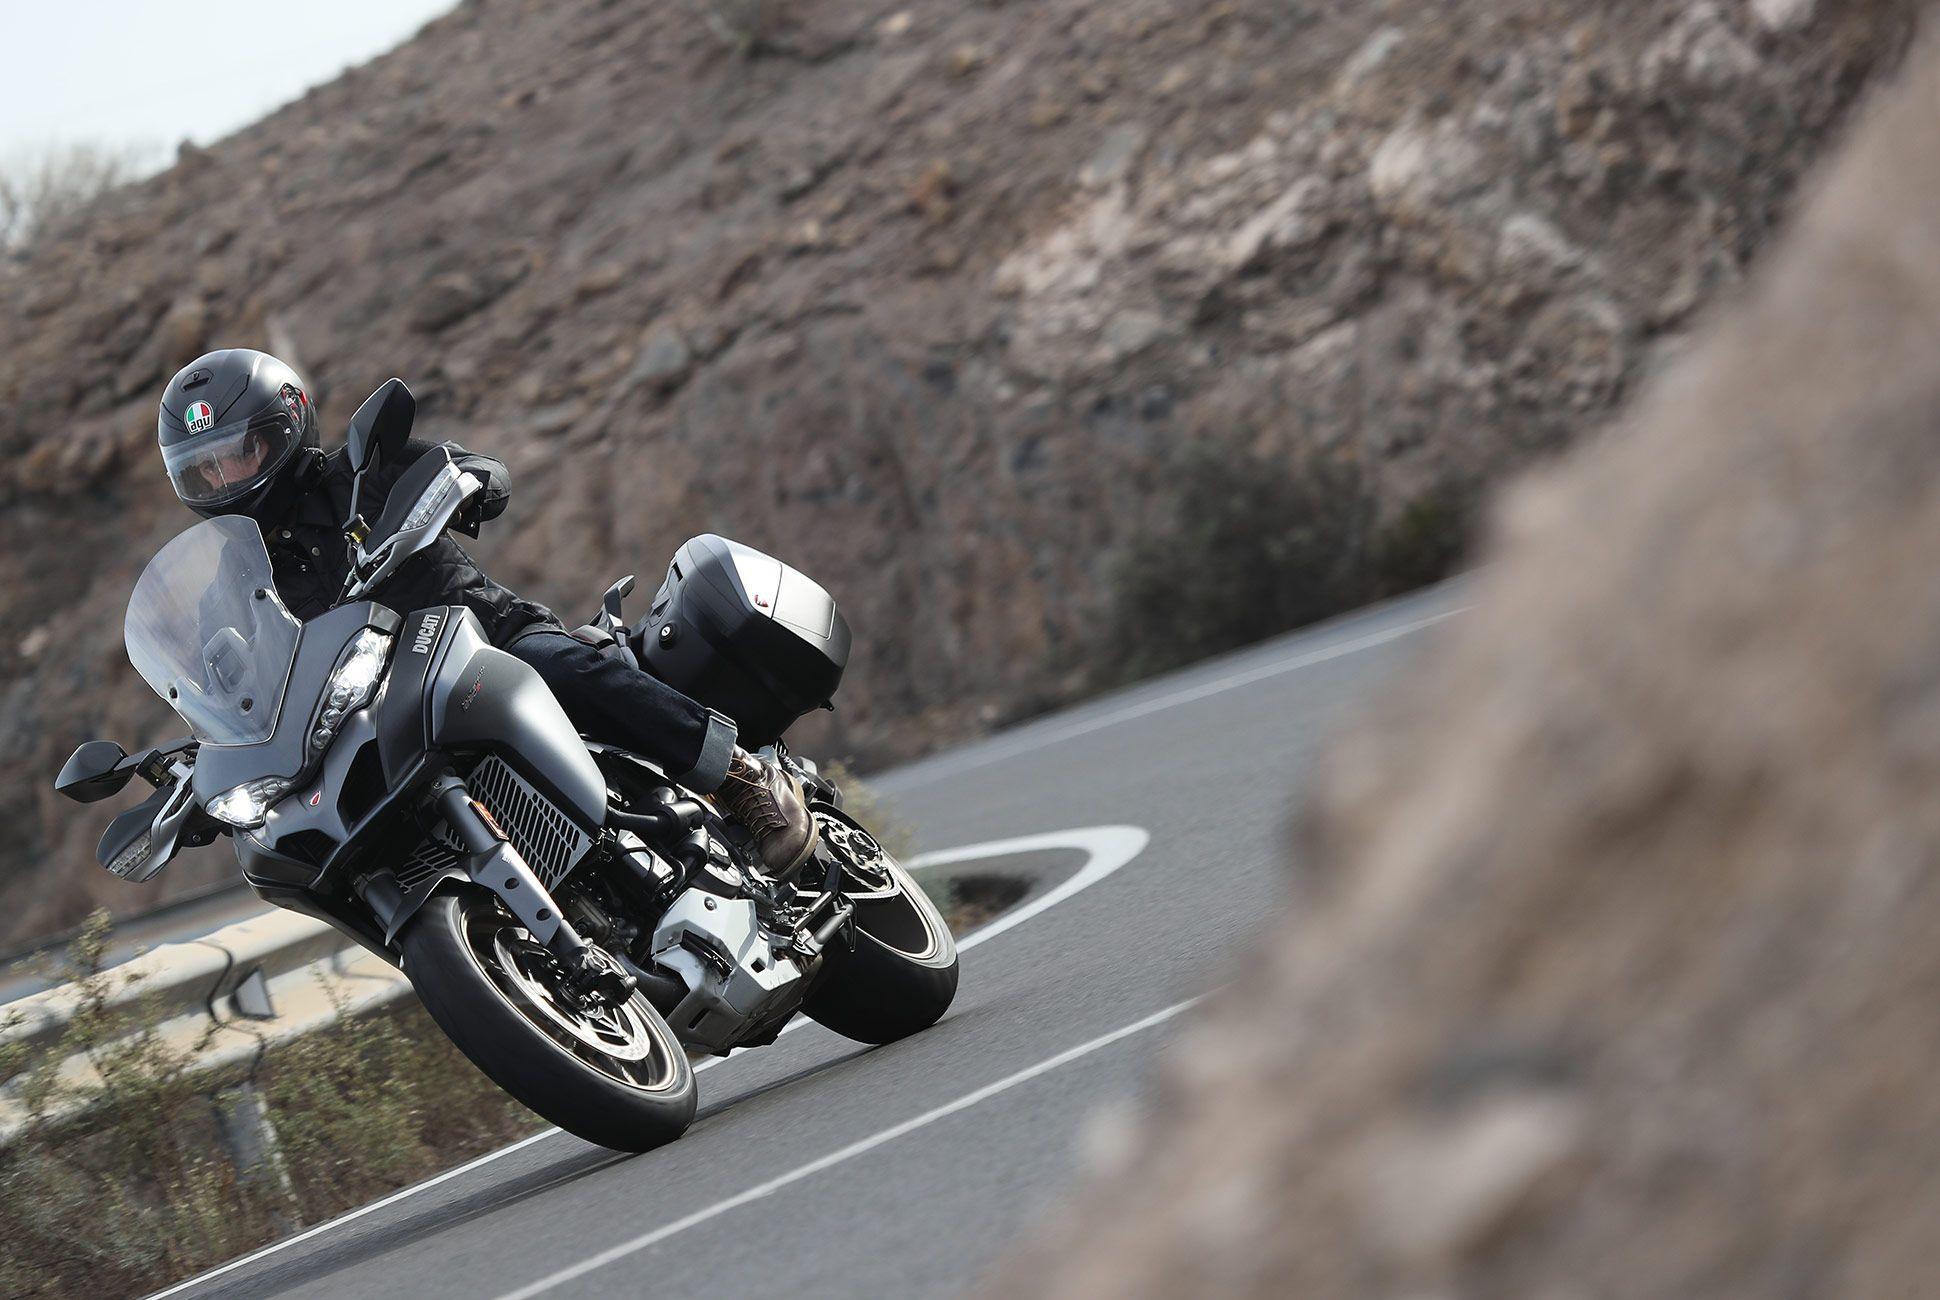 2018-Ducati-MTS-1260-Review-gear-patrol-1